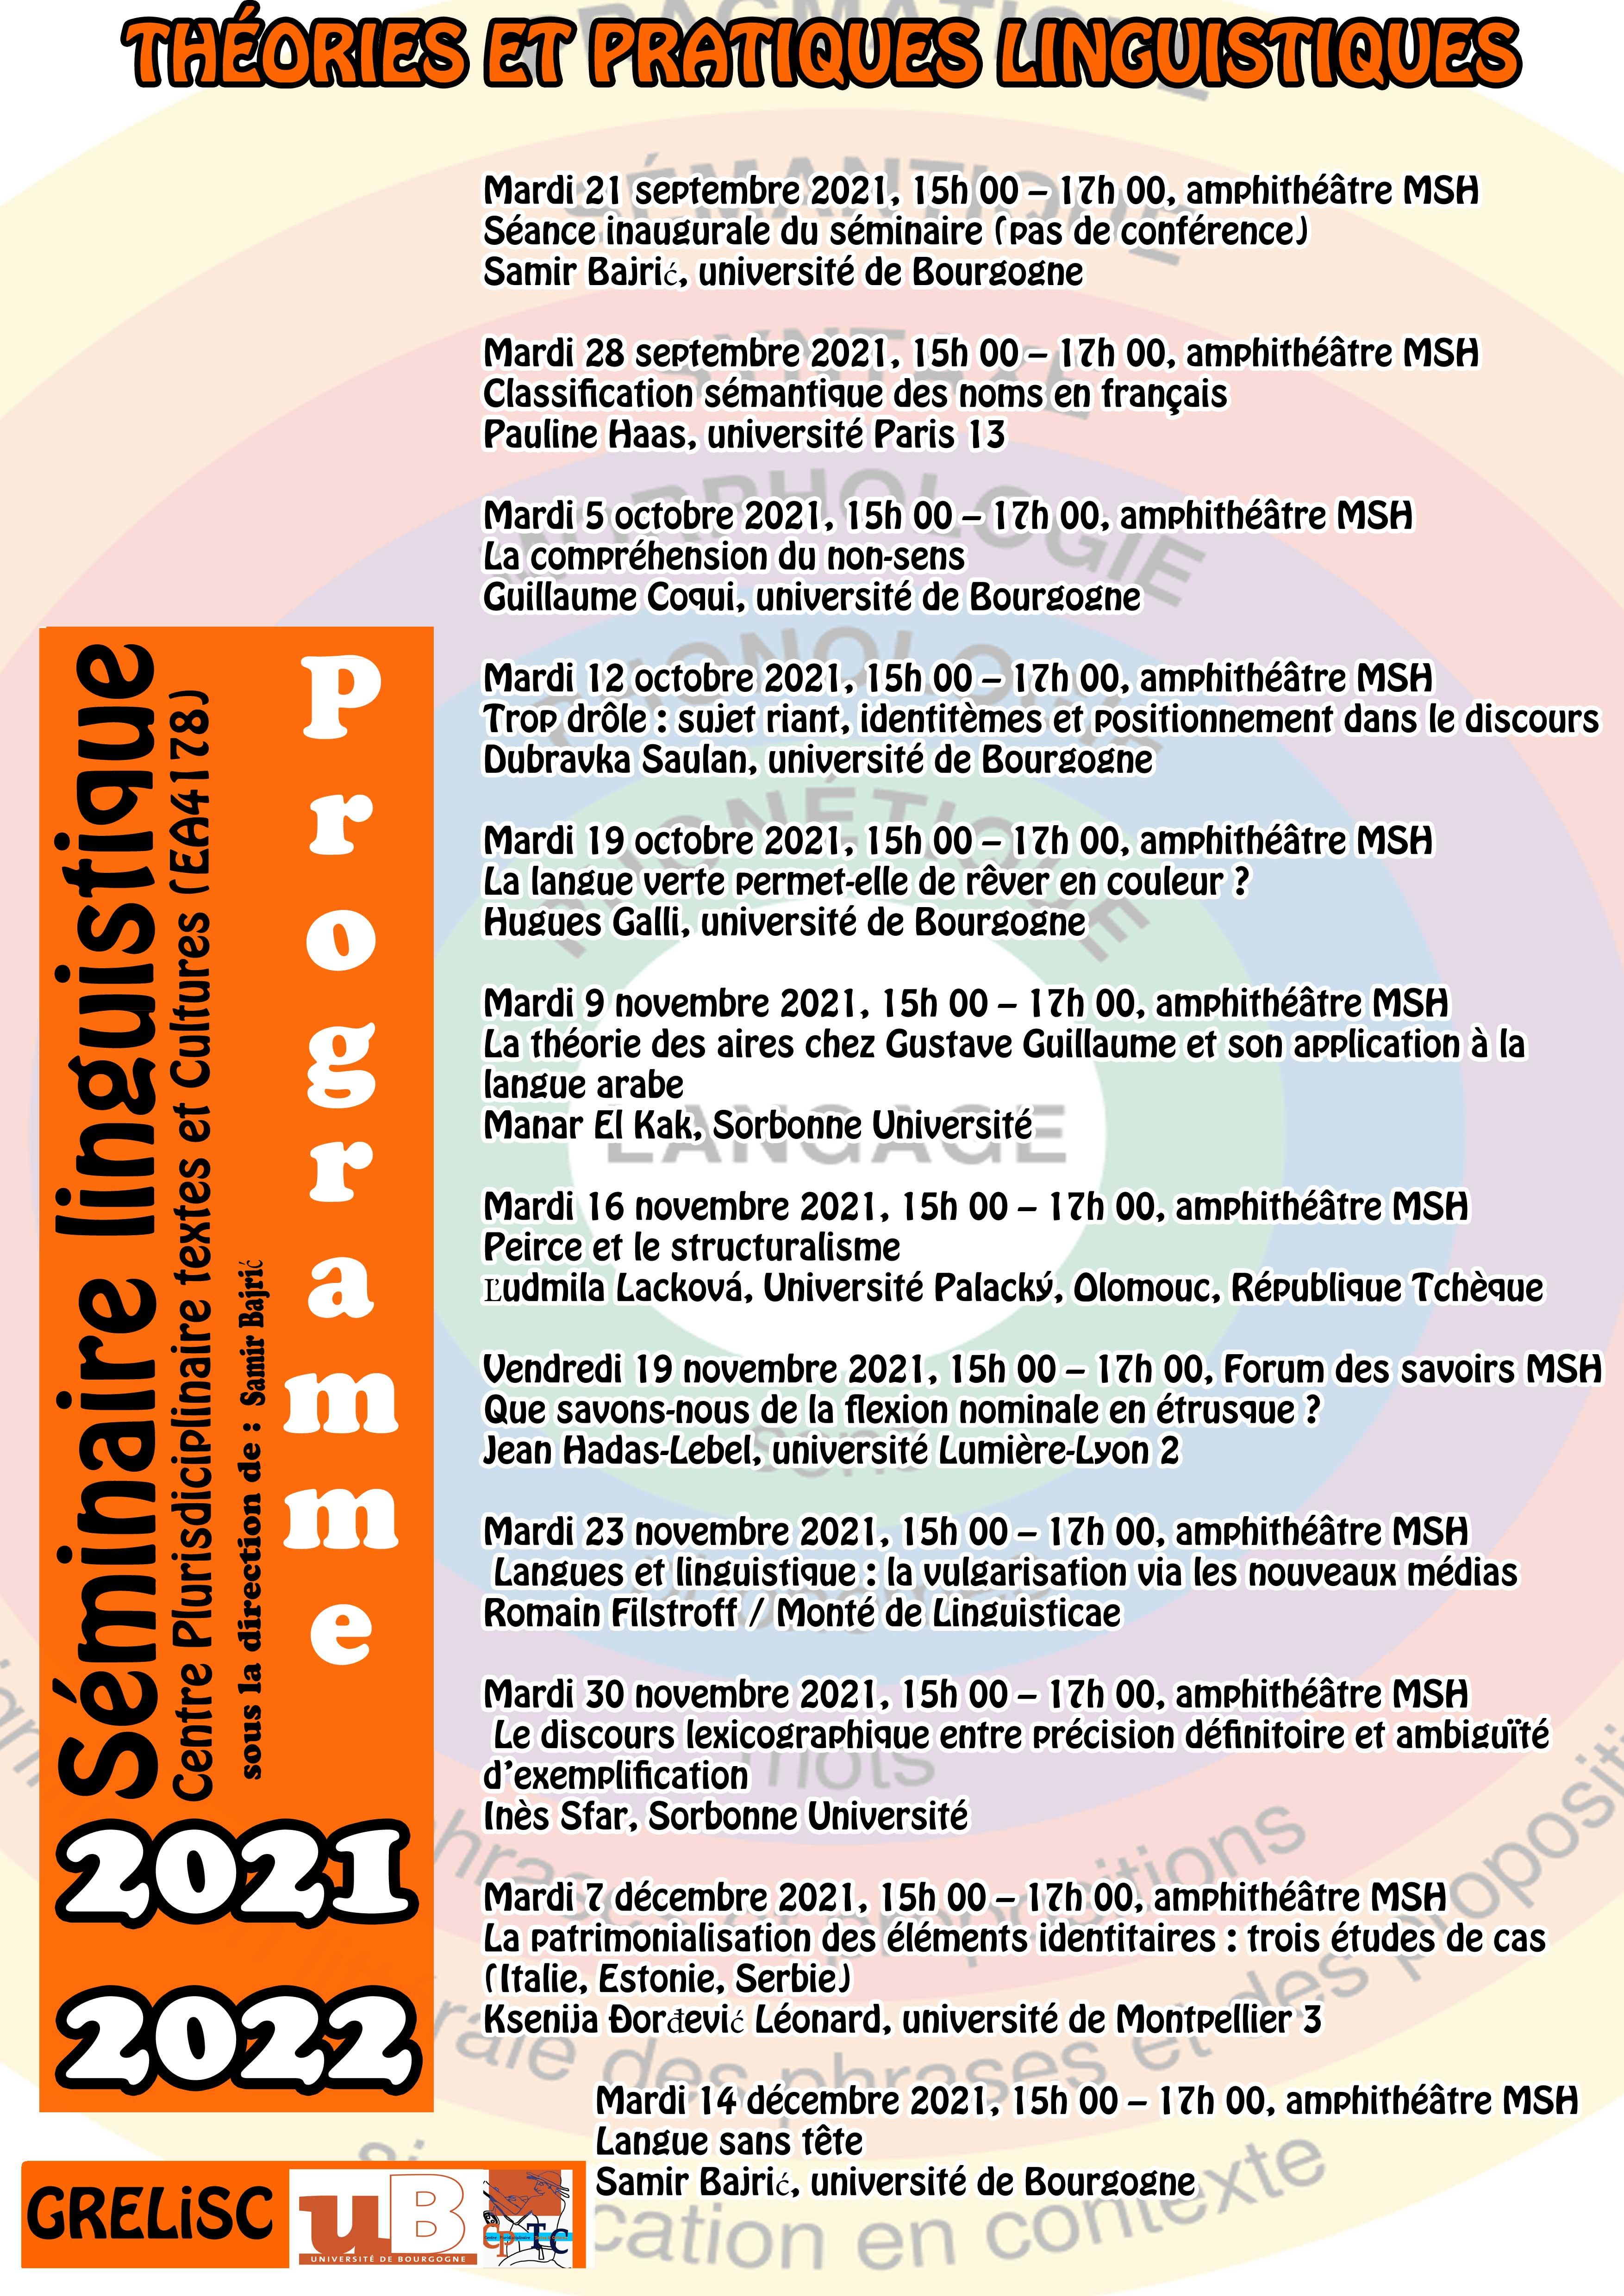 webprogramme seminaire linguistique